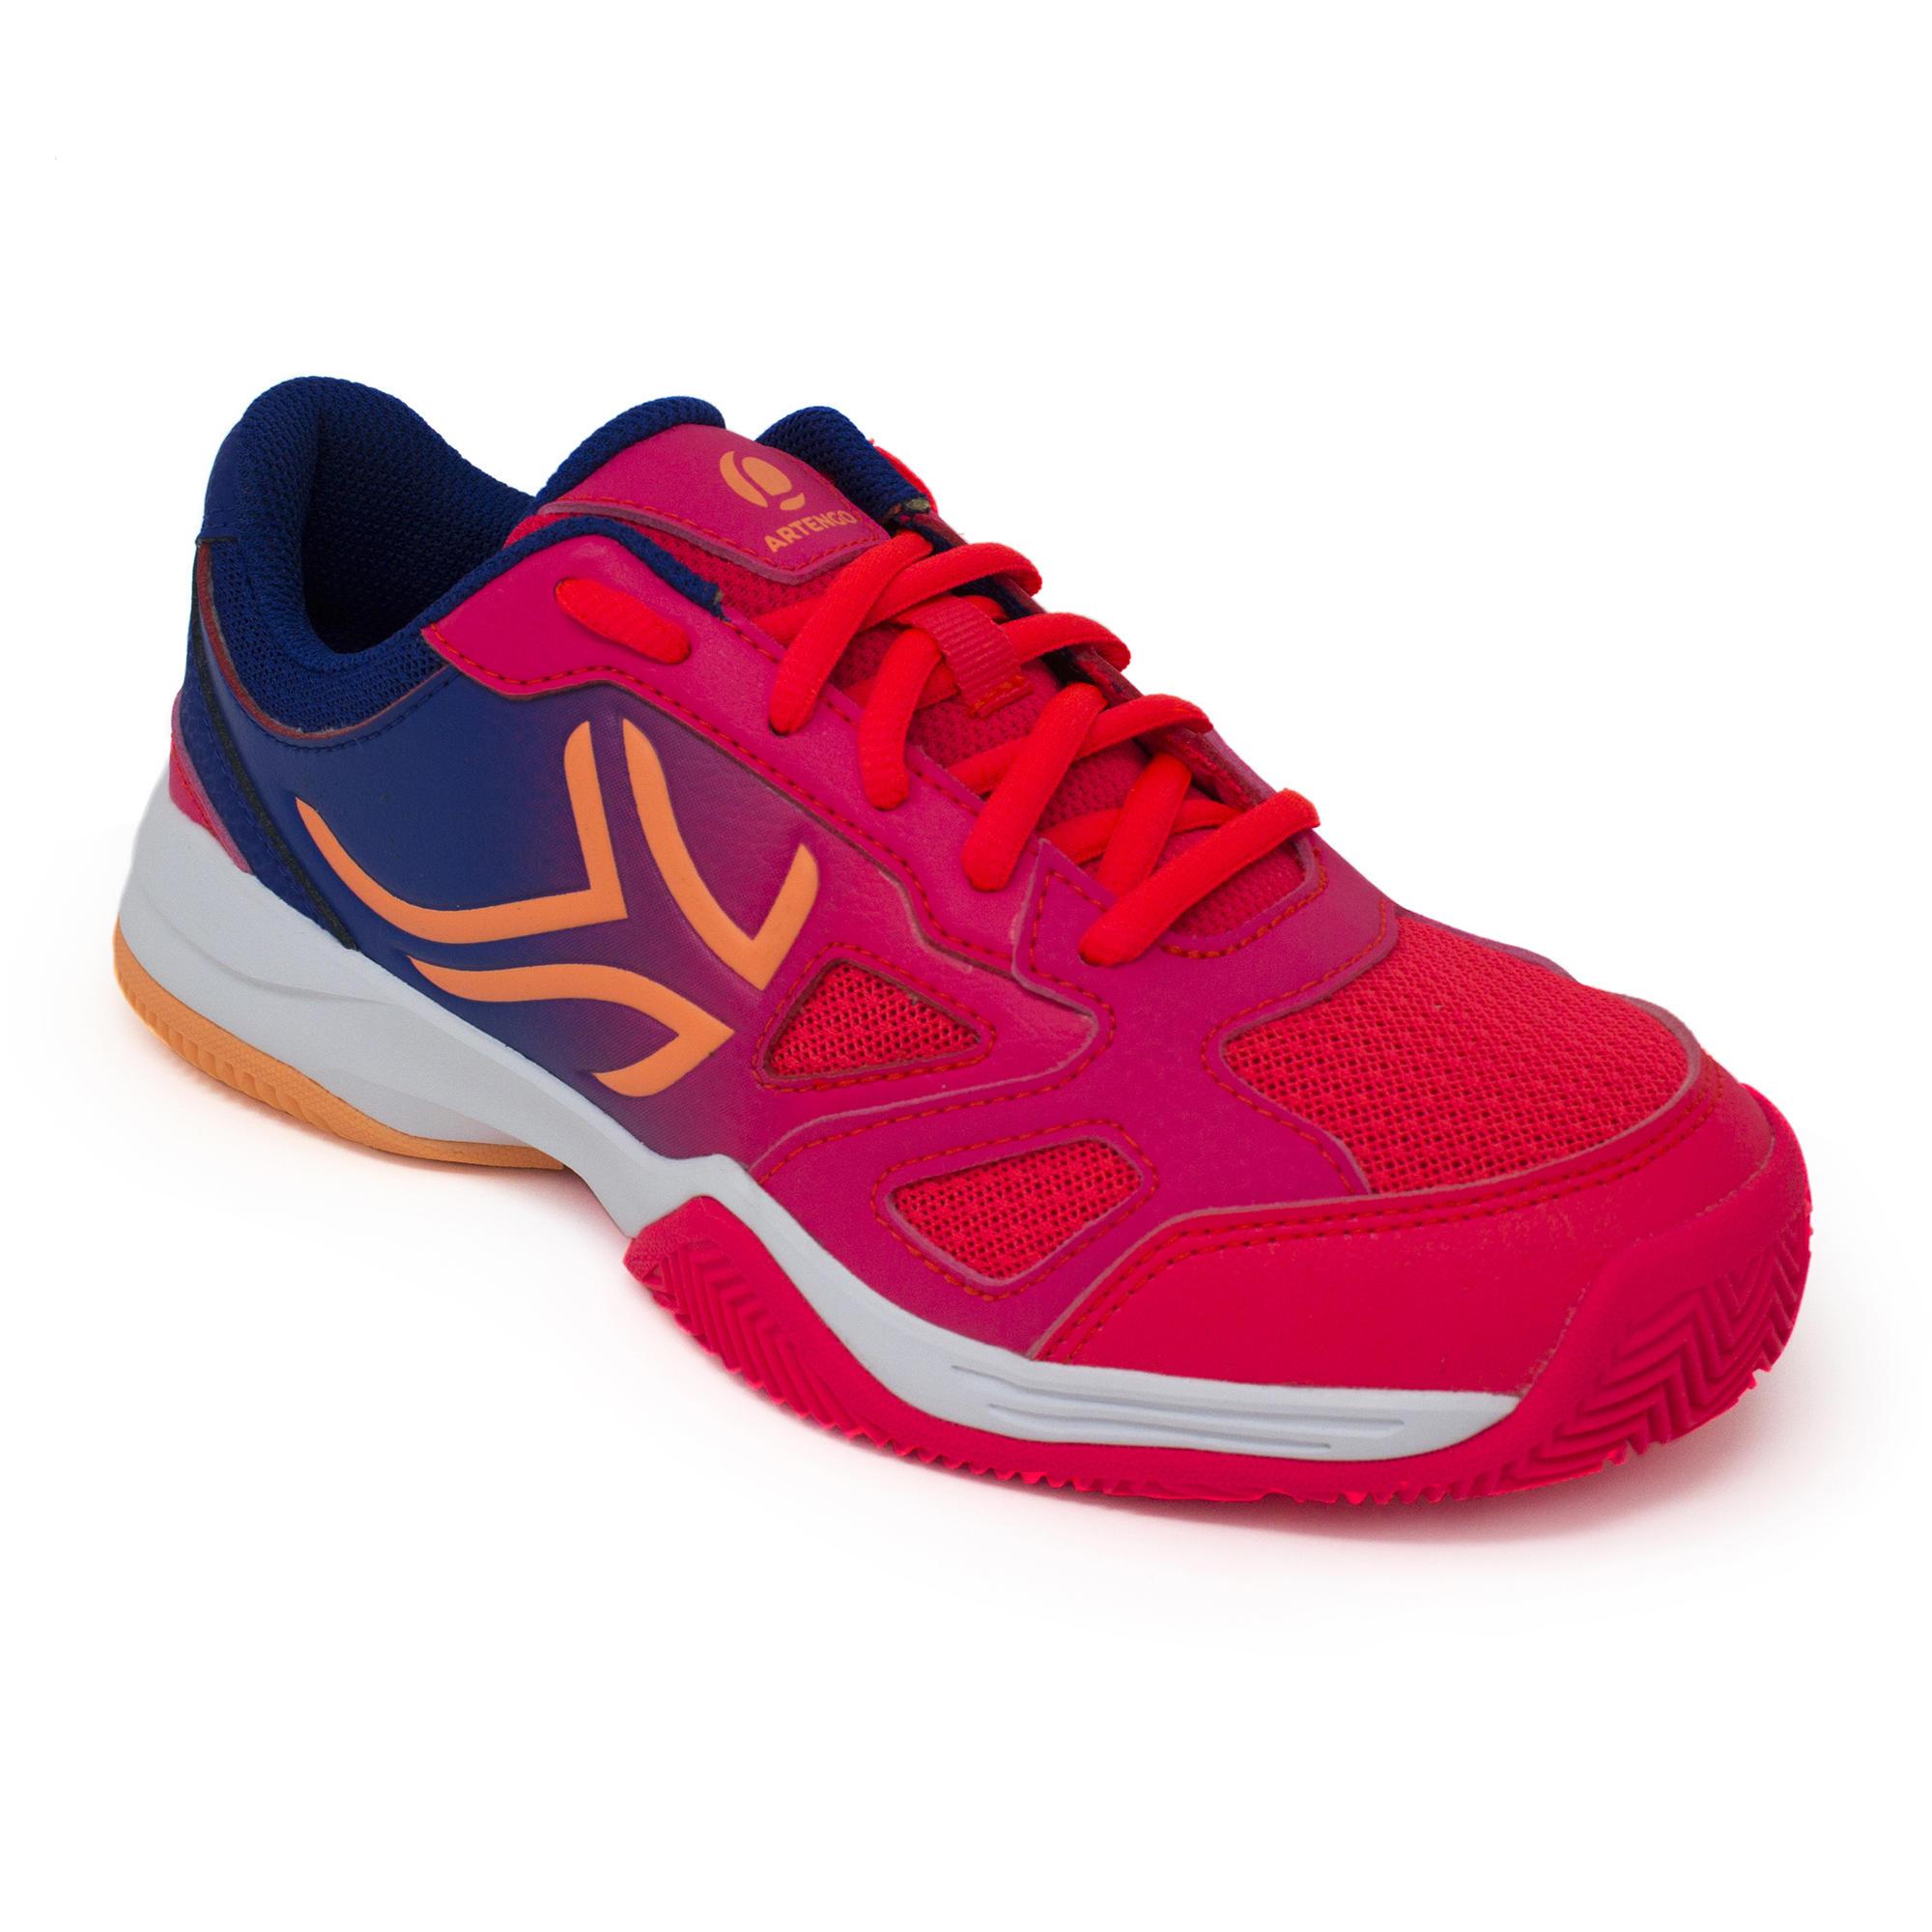 outlet store sale ae7a9 c2aa5 Comprar Zapatillas de pádel online   Decathlon